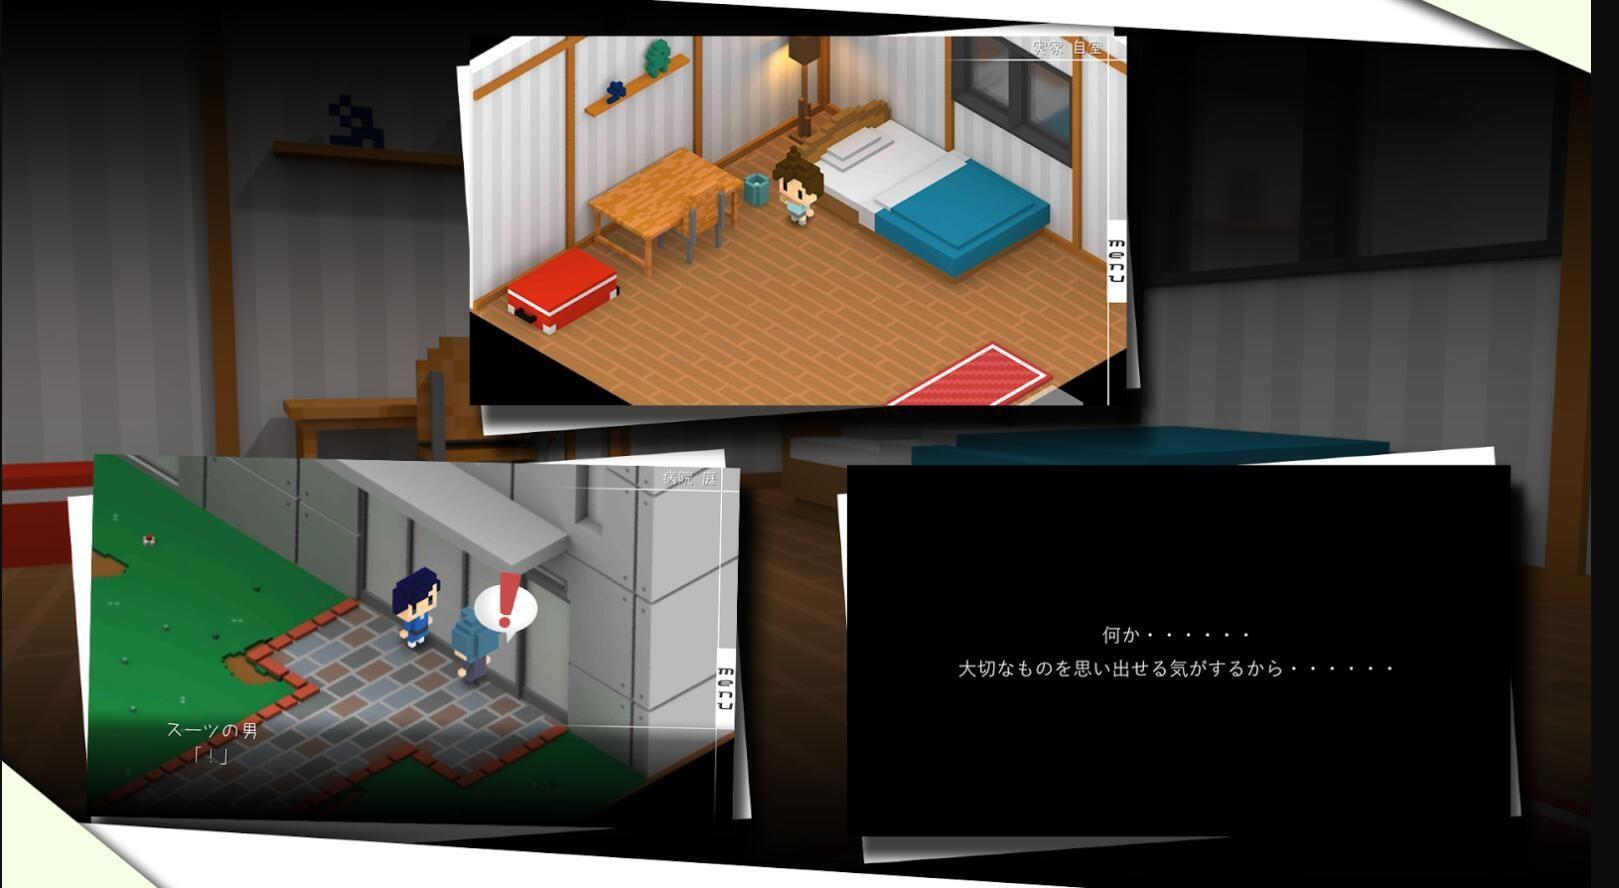 海绵宝宝深海冒险安卓版手机游戏最新版图片2